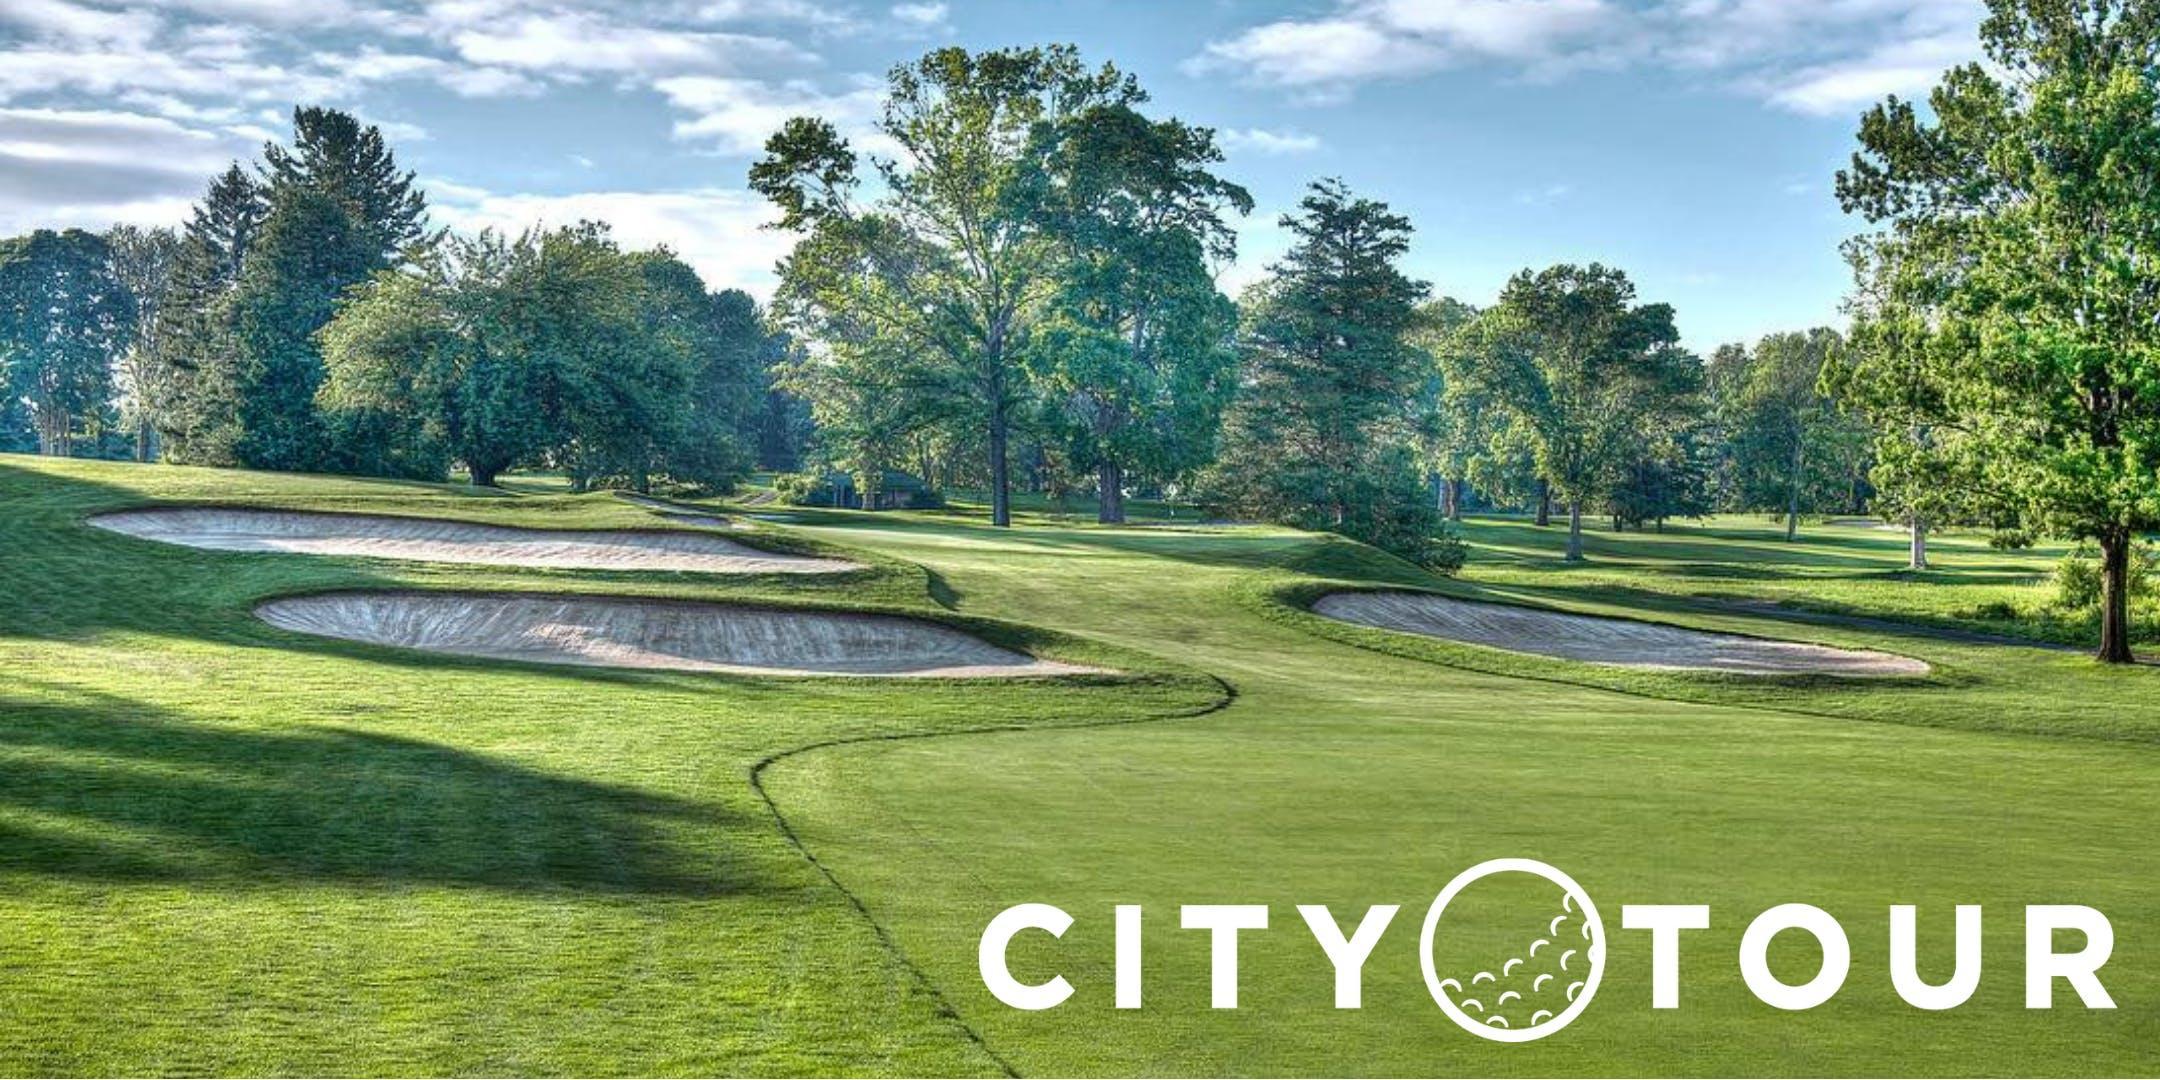 Los Angeles City Tour -Los Amigos Golf Course